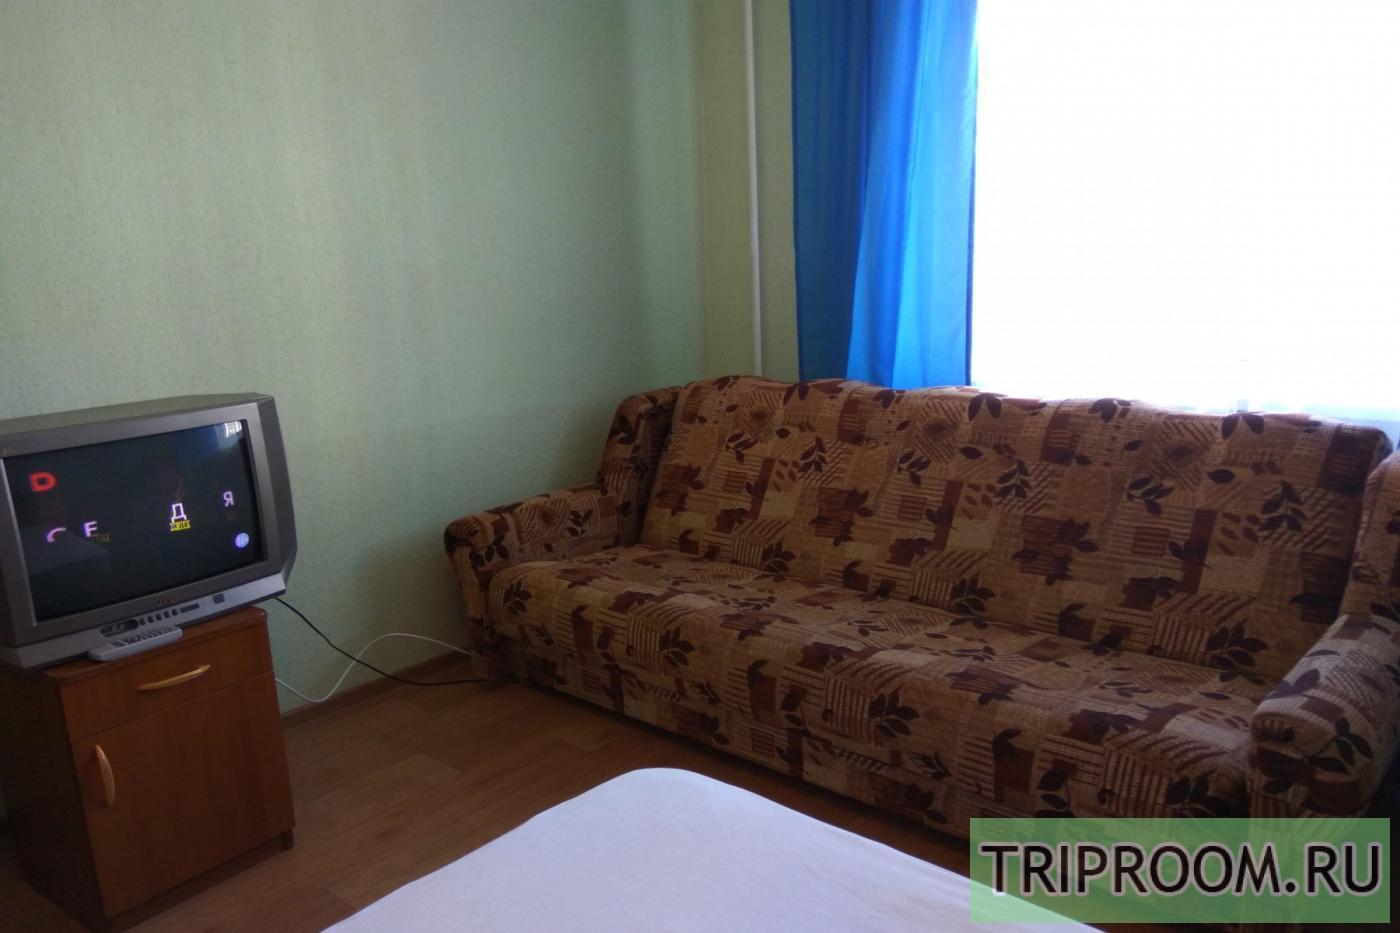 2-комнатная квартира посуточно (вариант № 6973), ул. Авиационная улица, фото № 6